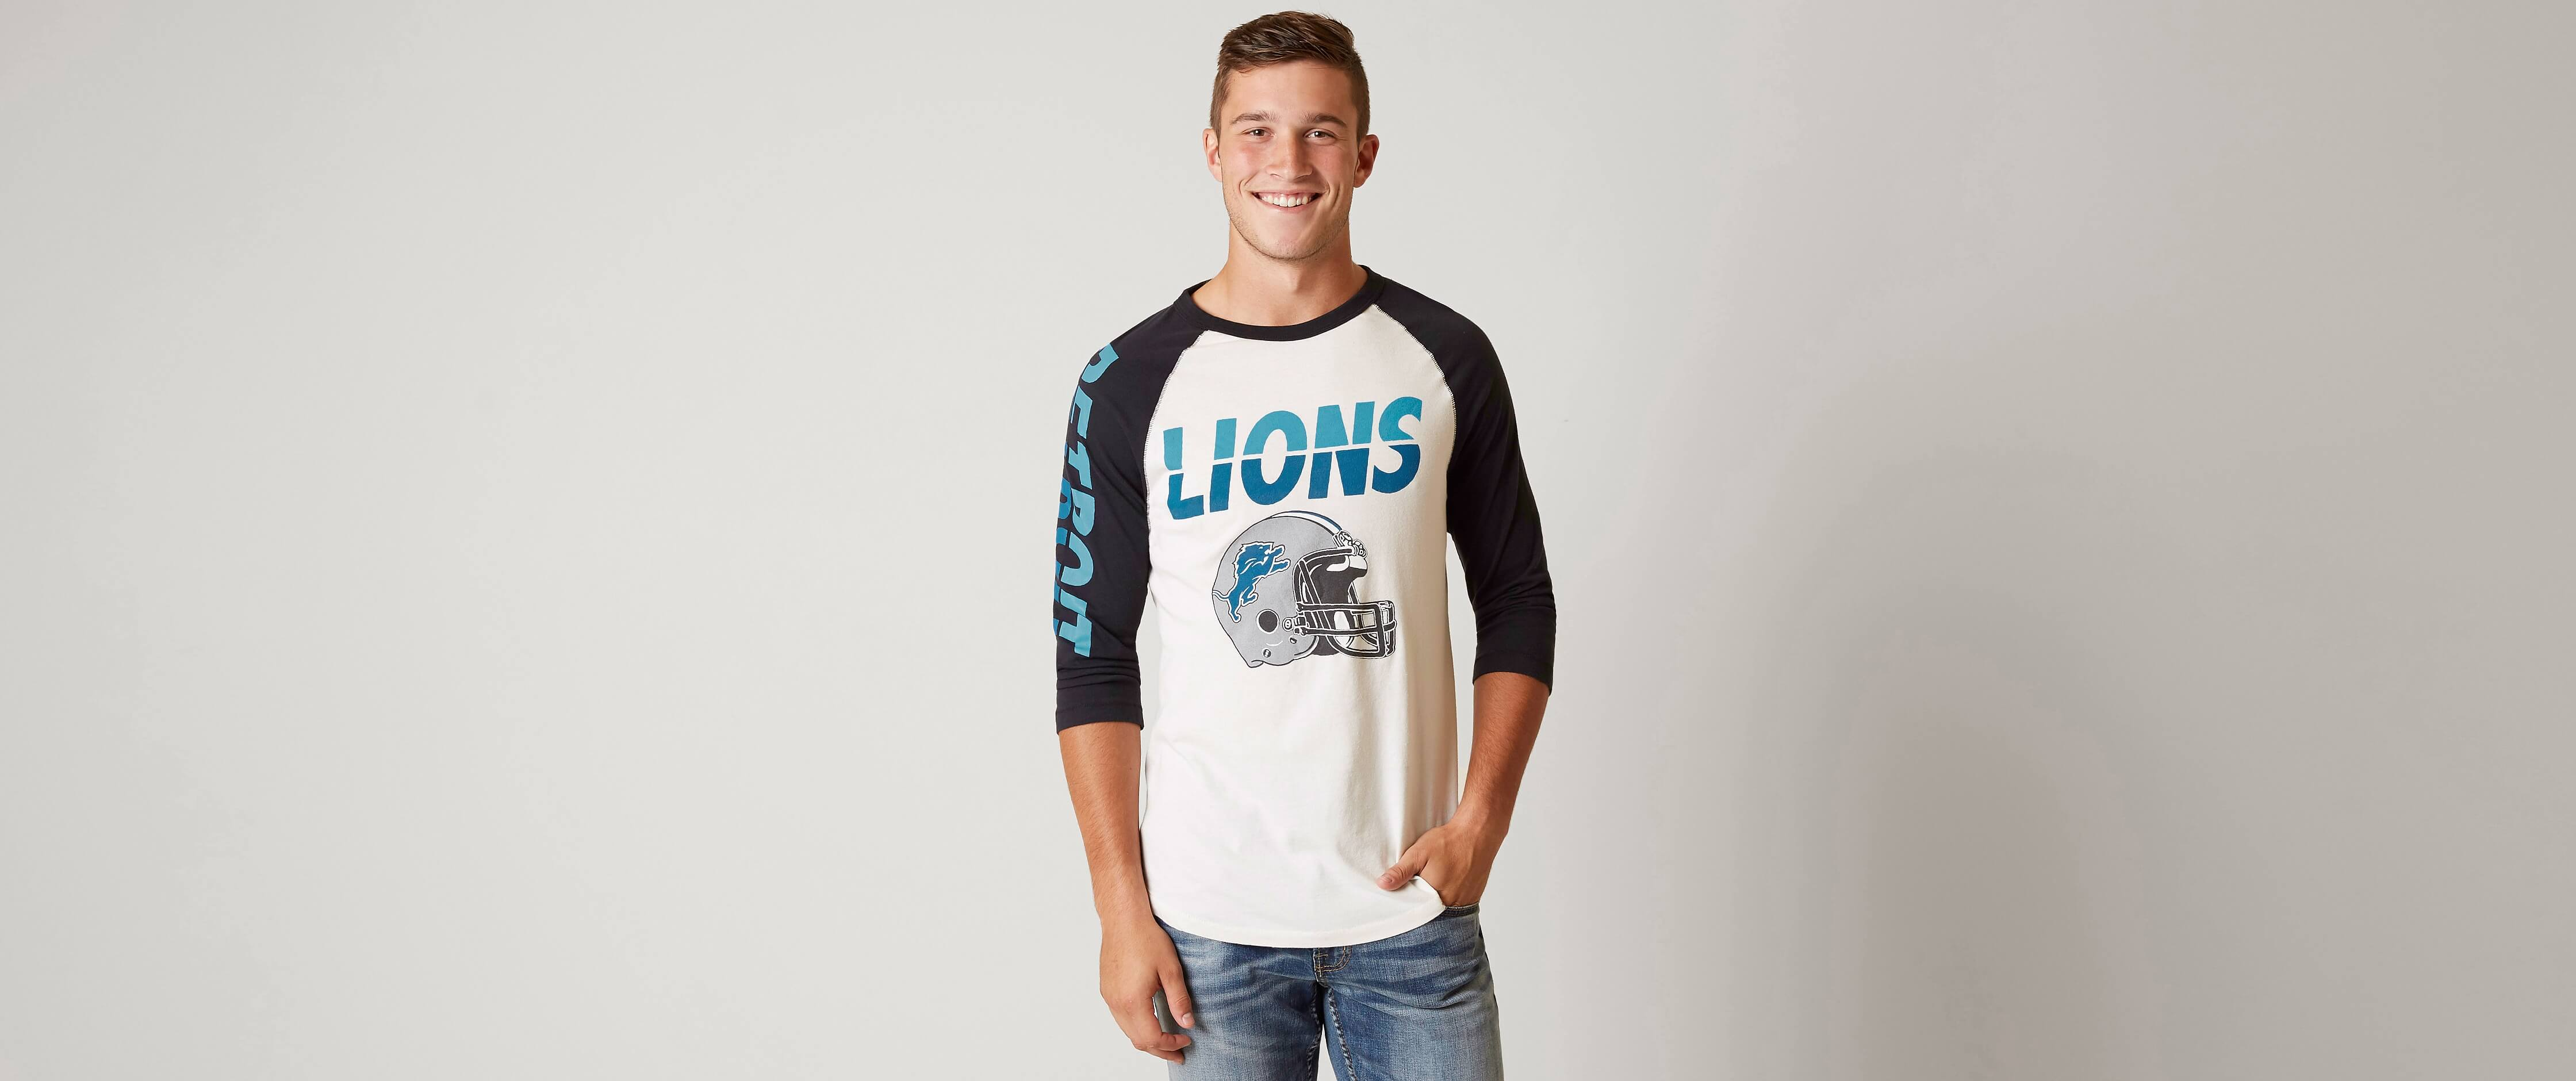 detroit lions men's shirts